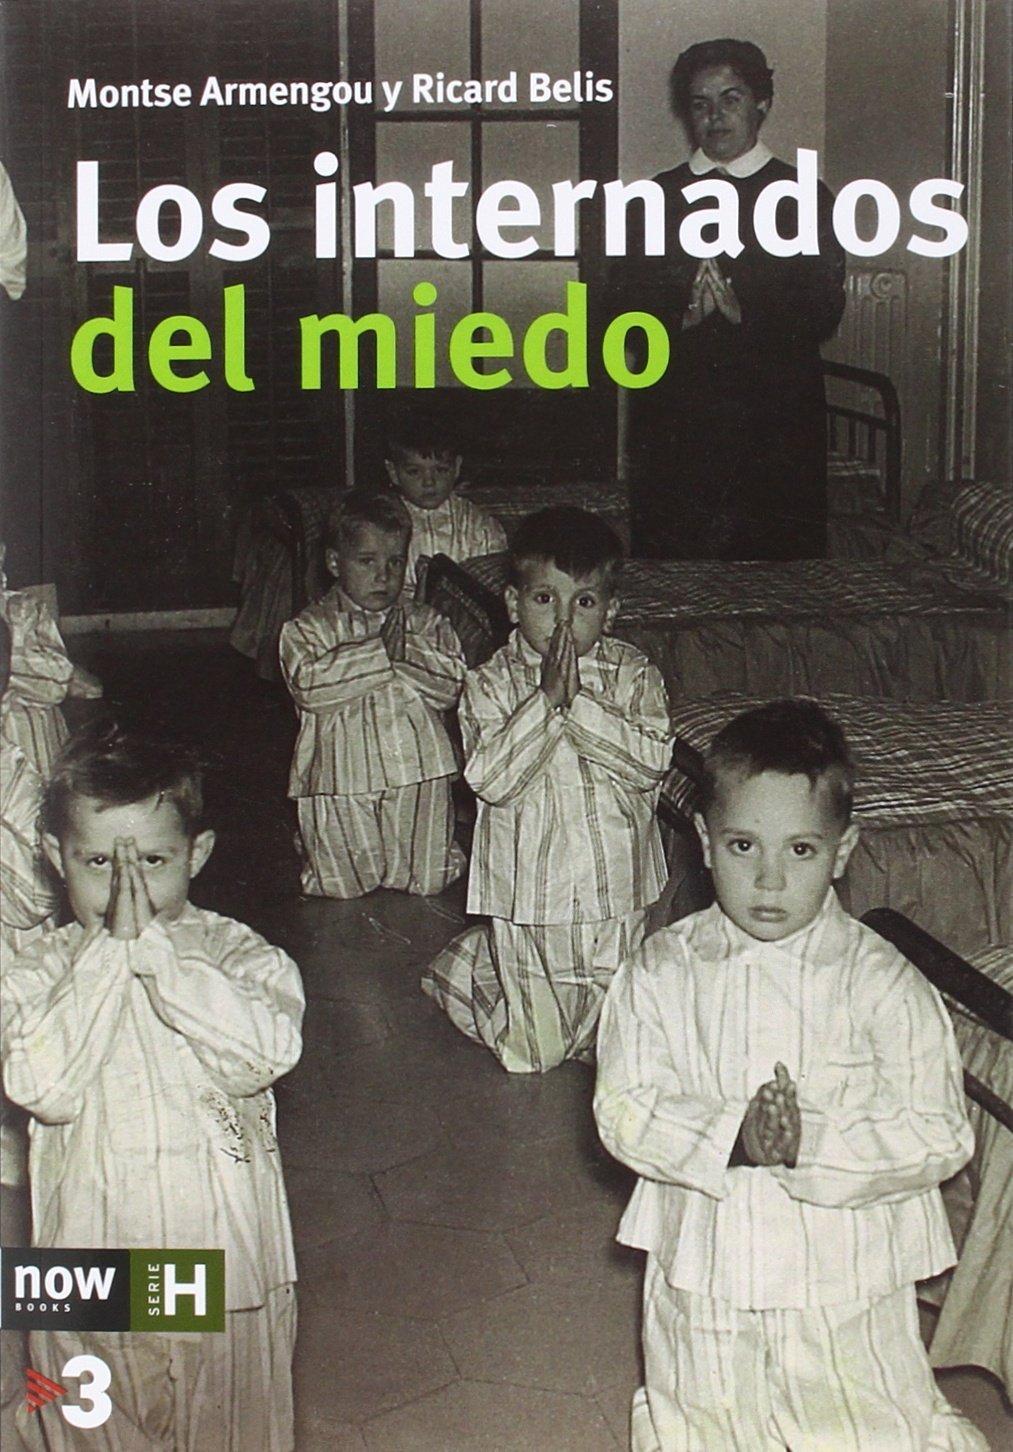 Los internados del miedo: Amazon.es: Montse Armengou i Martín, Ricard Belis i Garcia, Paul Preston: Libros